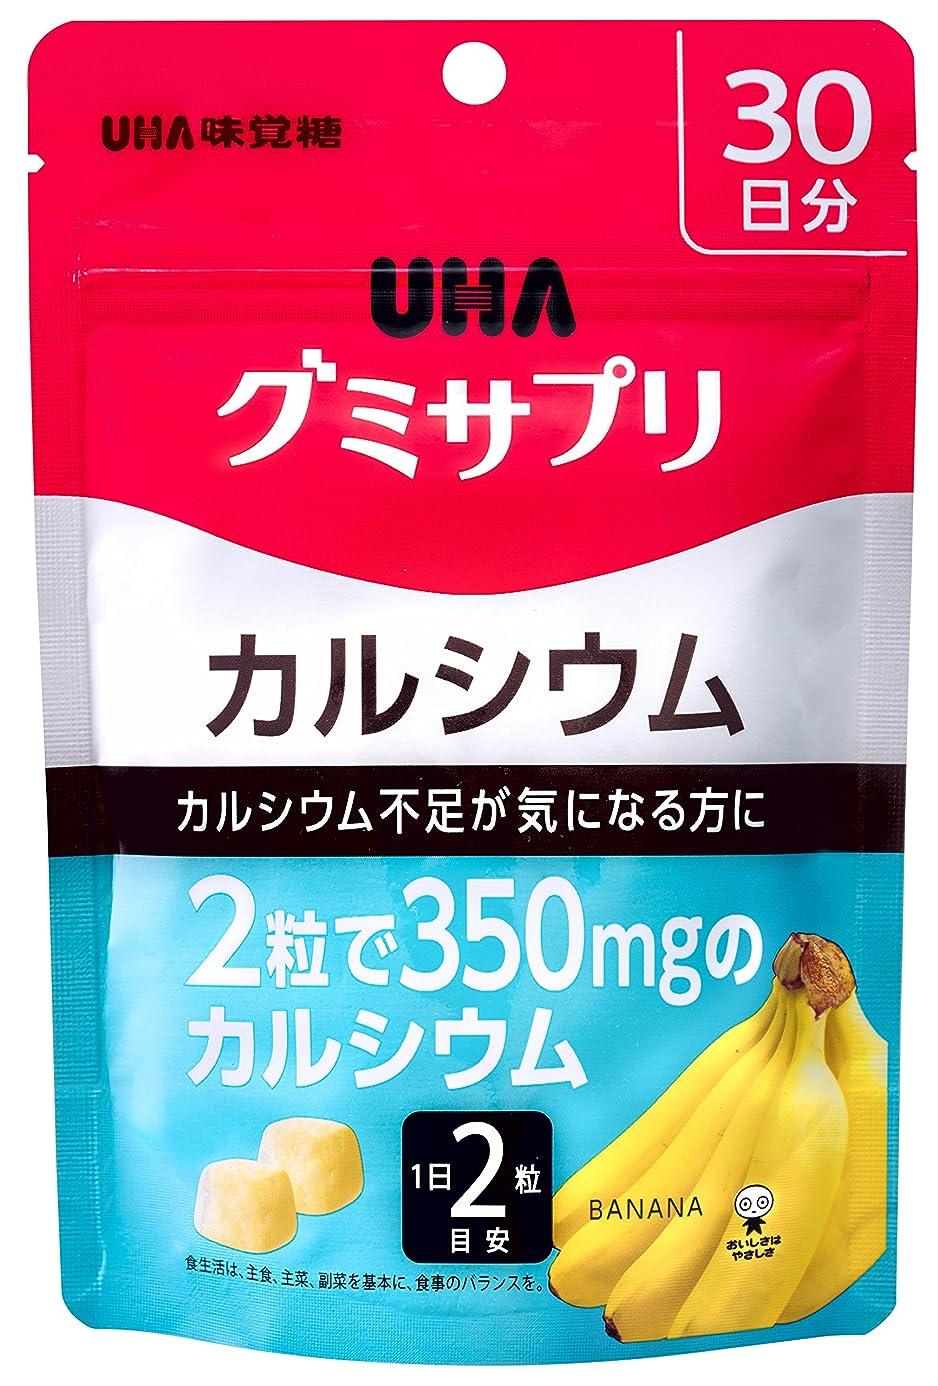 大脳司教準拠UHAグミサプリ カルシウム バナナ味 スタンドパウチ 60粒 30日分